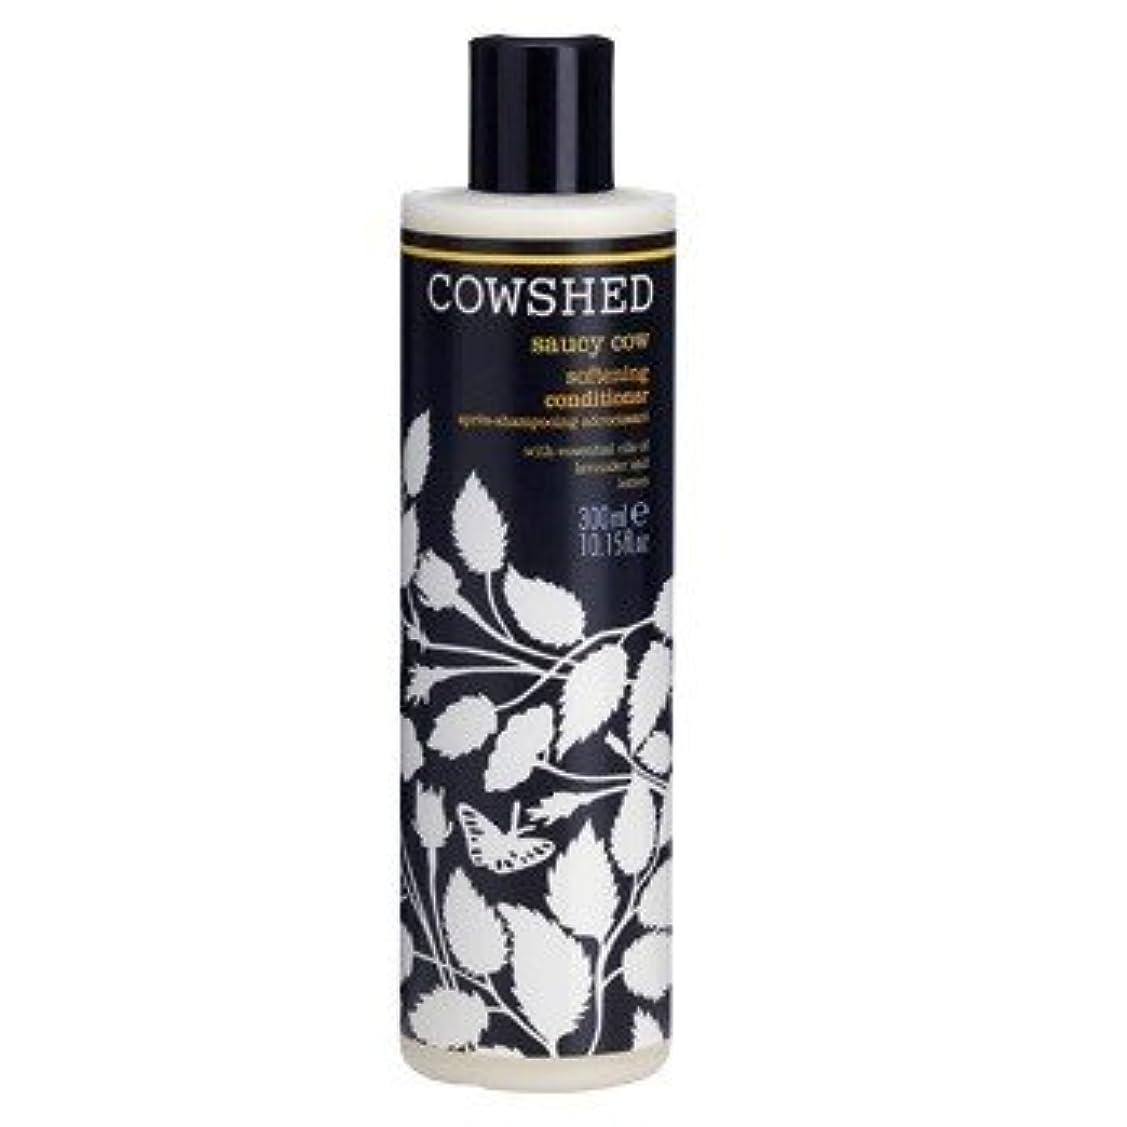 違うフレッシュブル牛舎生意気な牛軟化コンディショナー300ミリリットル (Cowshed) (x2) - Cowshed Saucy Cow Softening Conditioner 300ml (Pack of 2) [並行輸入品]